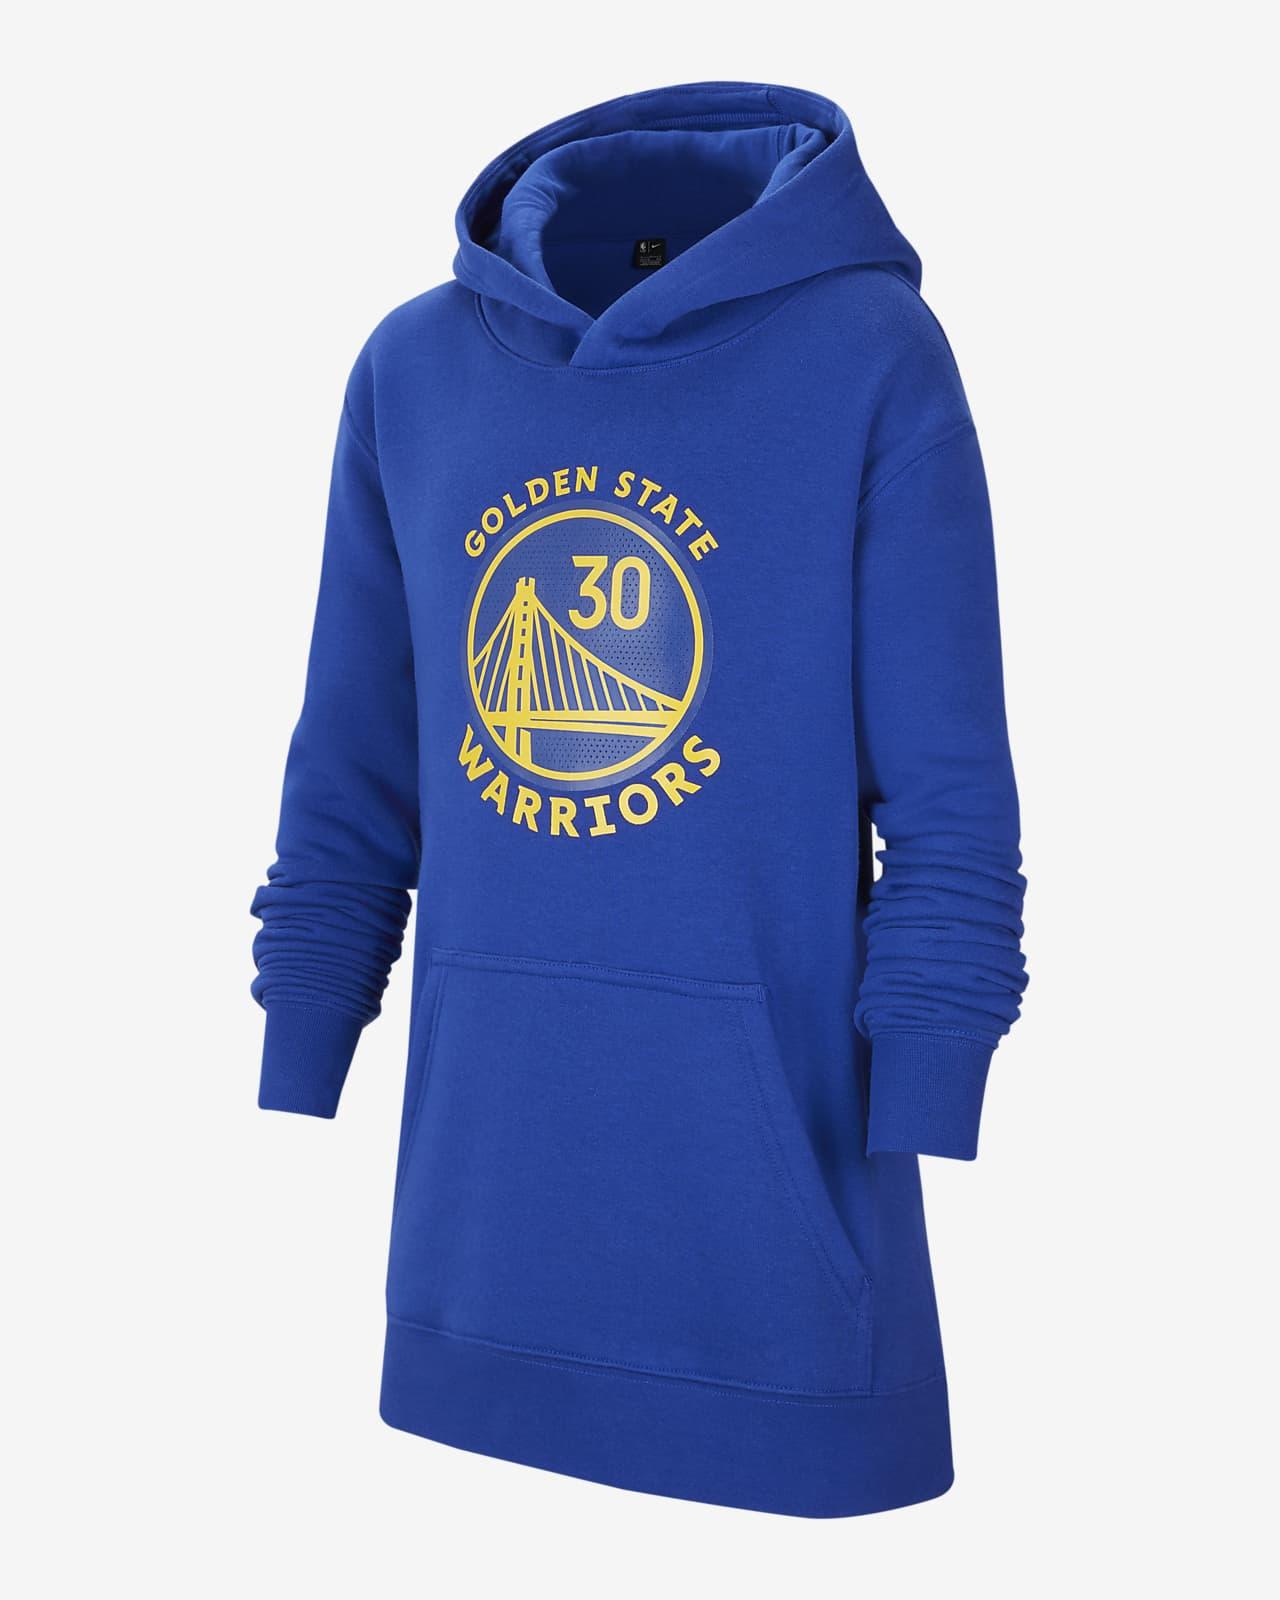 Golden State Warriors Essential Older Kids' Nike NBA Hoodie